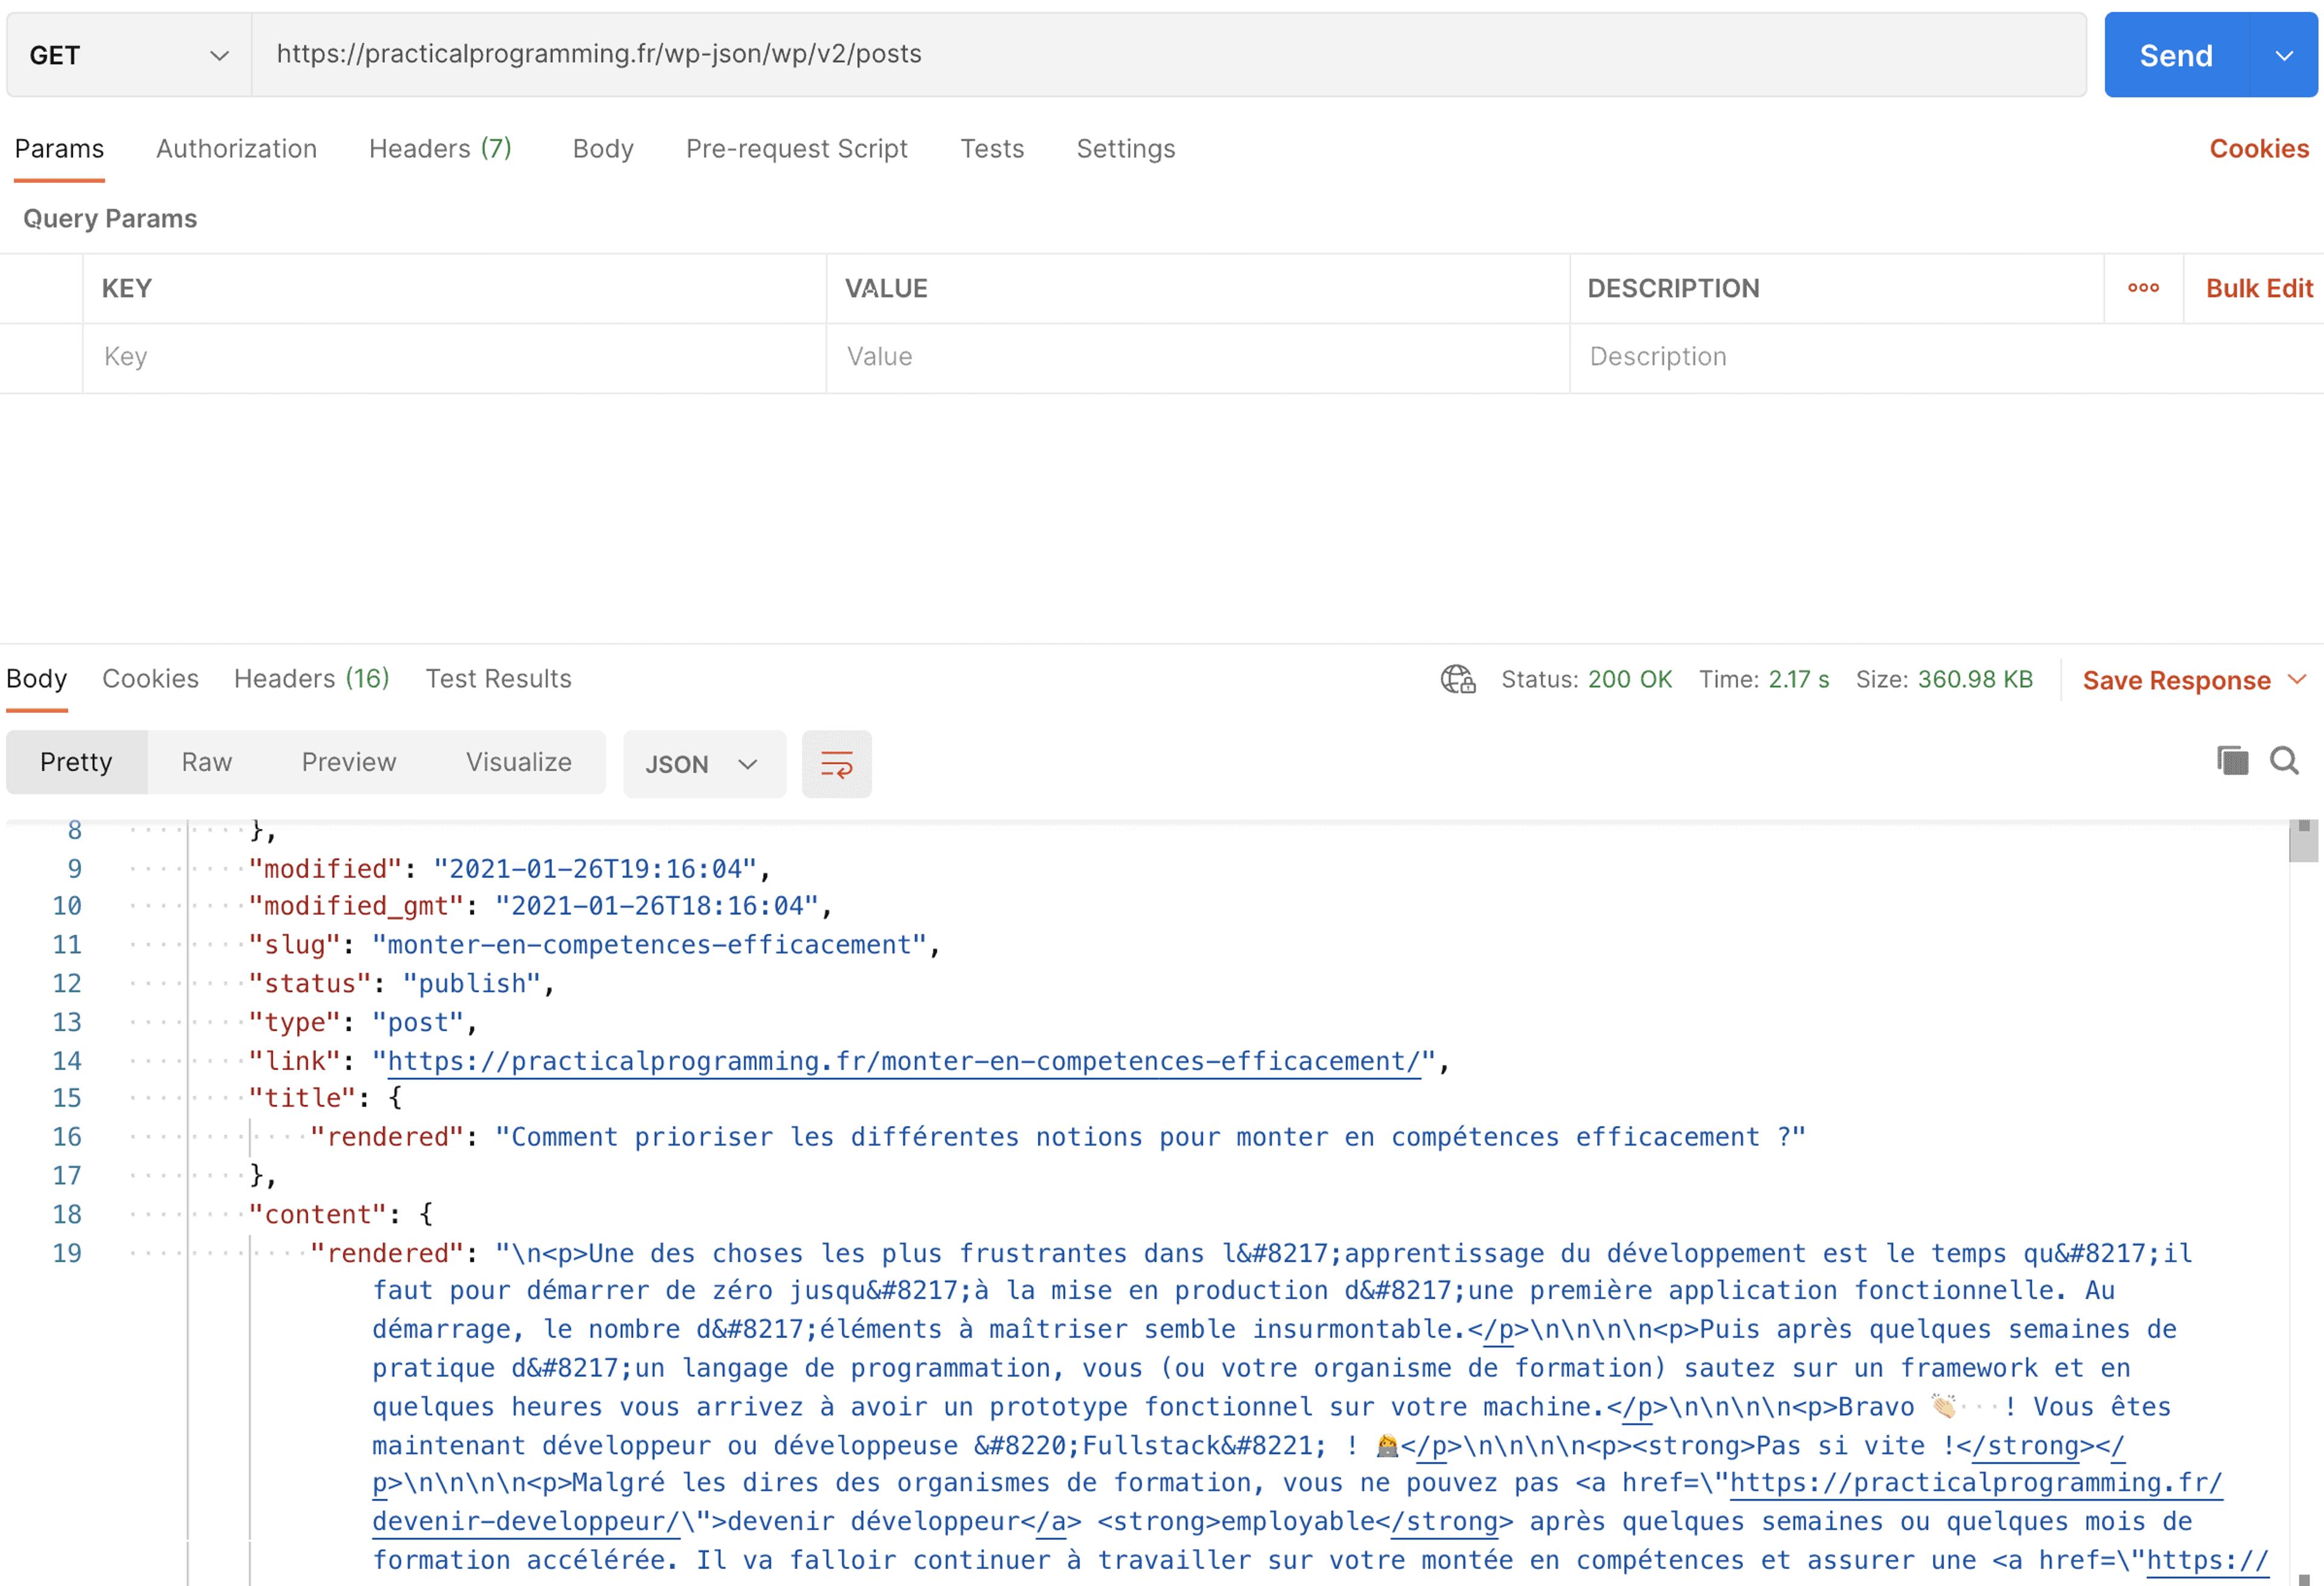 Réponse de l'API Wordpress lorsqu'on récupère les articles. Le contenu de l'article est sous forme de HTML encapsulé dans une chaîne de caractères